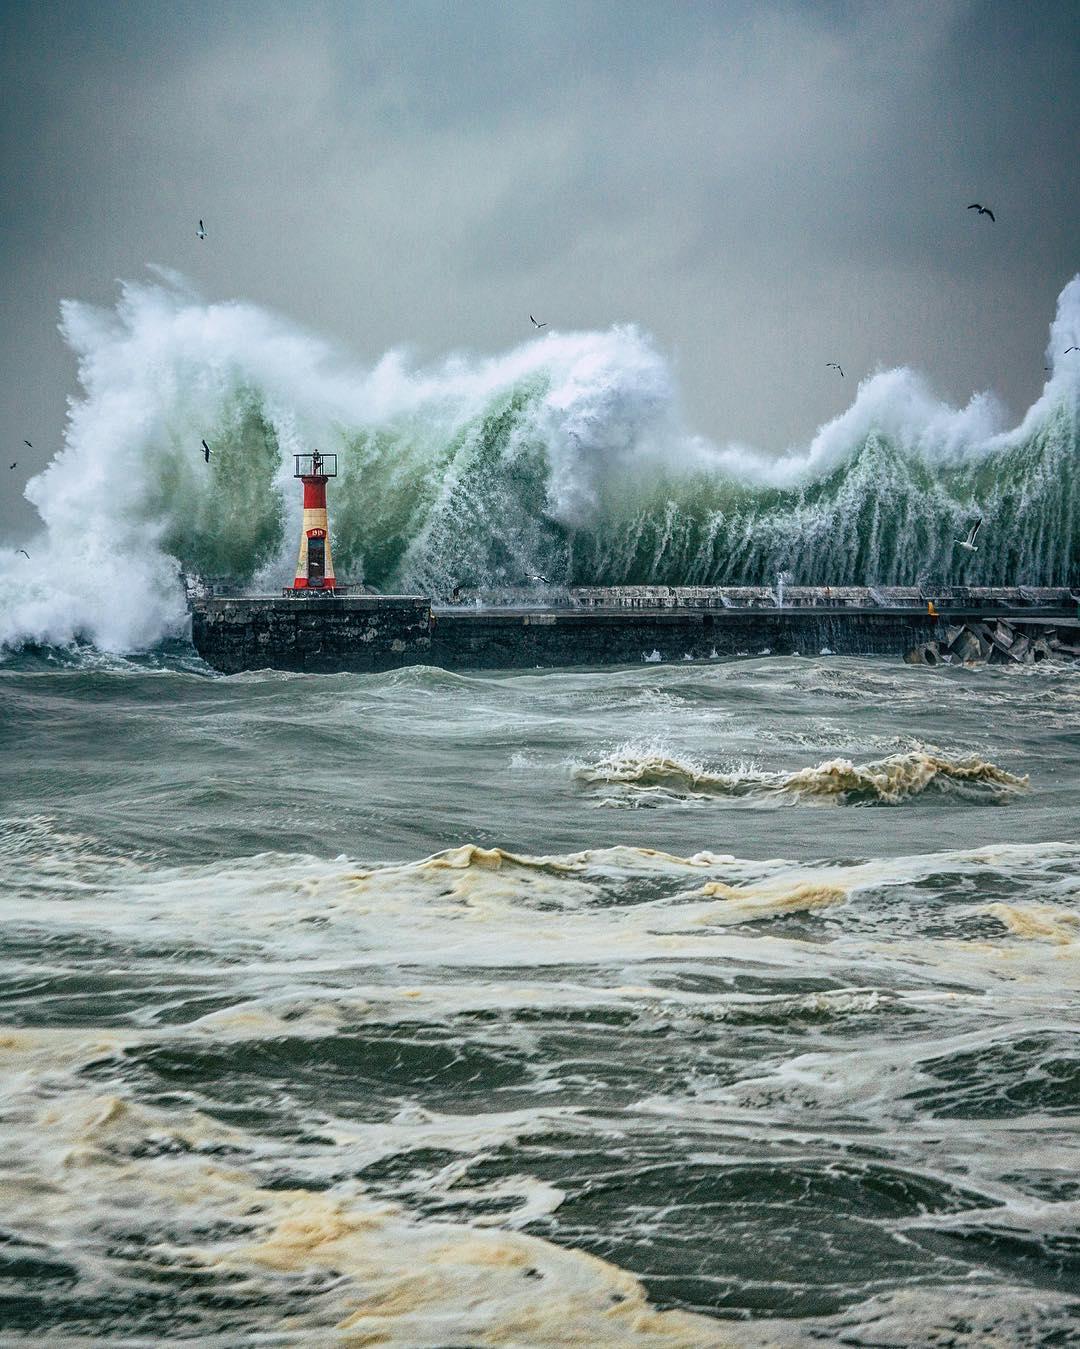 Красивые снимки из путешествий от Kyle Mijlof